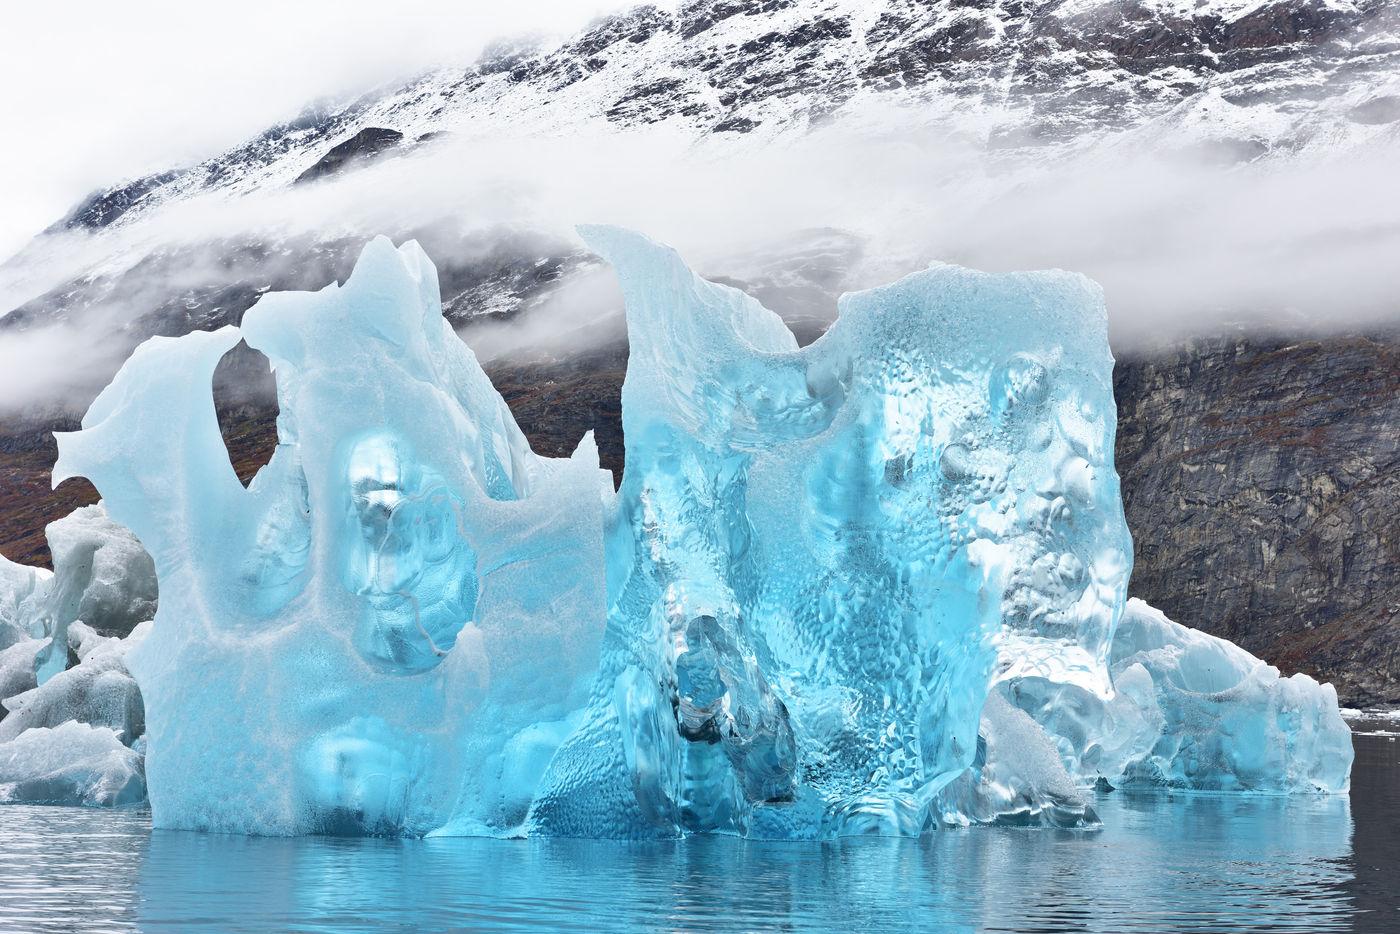 Blauw ijs, dat al deels smolt, geeft prachtige schakeringen. © Yves Adams